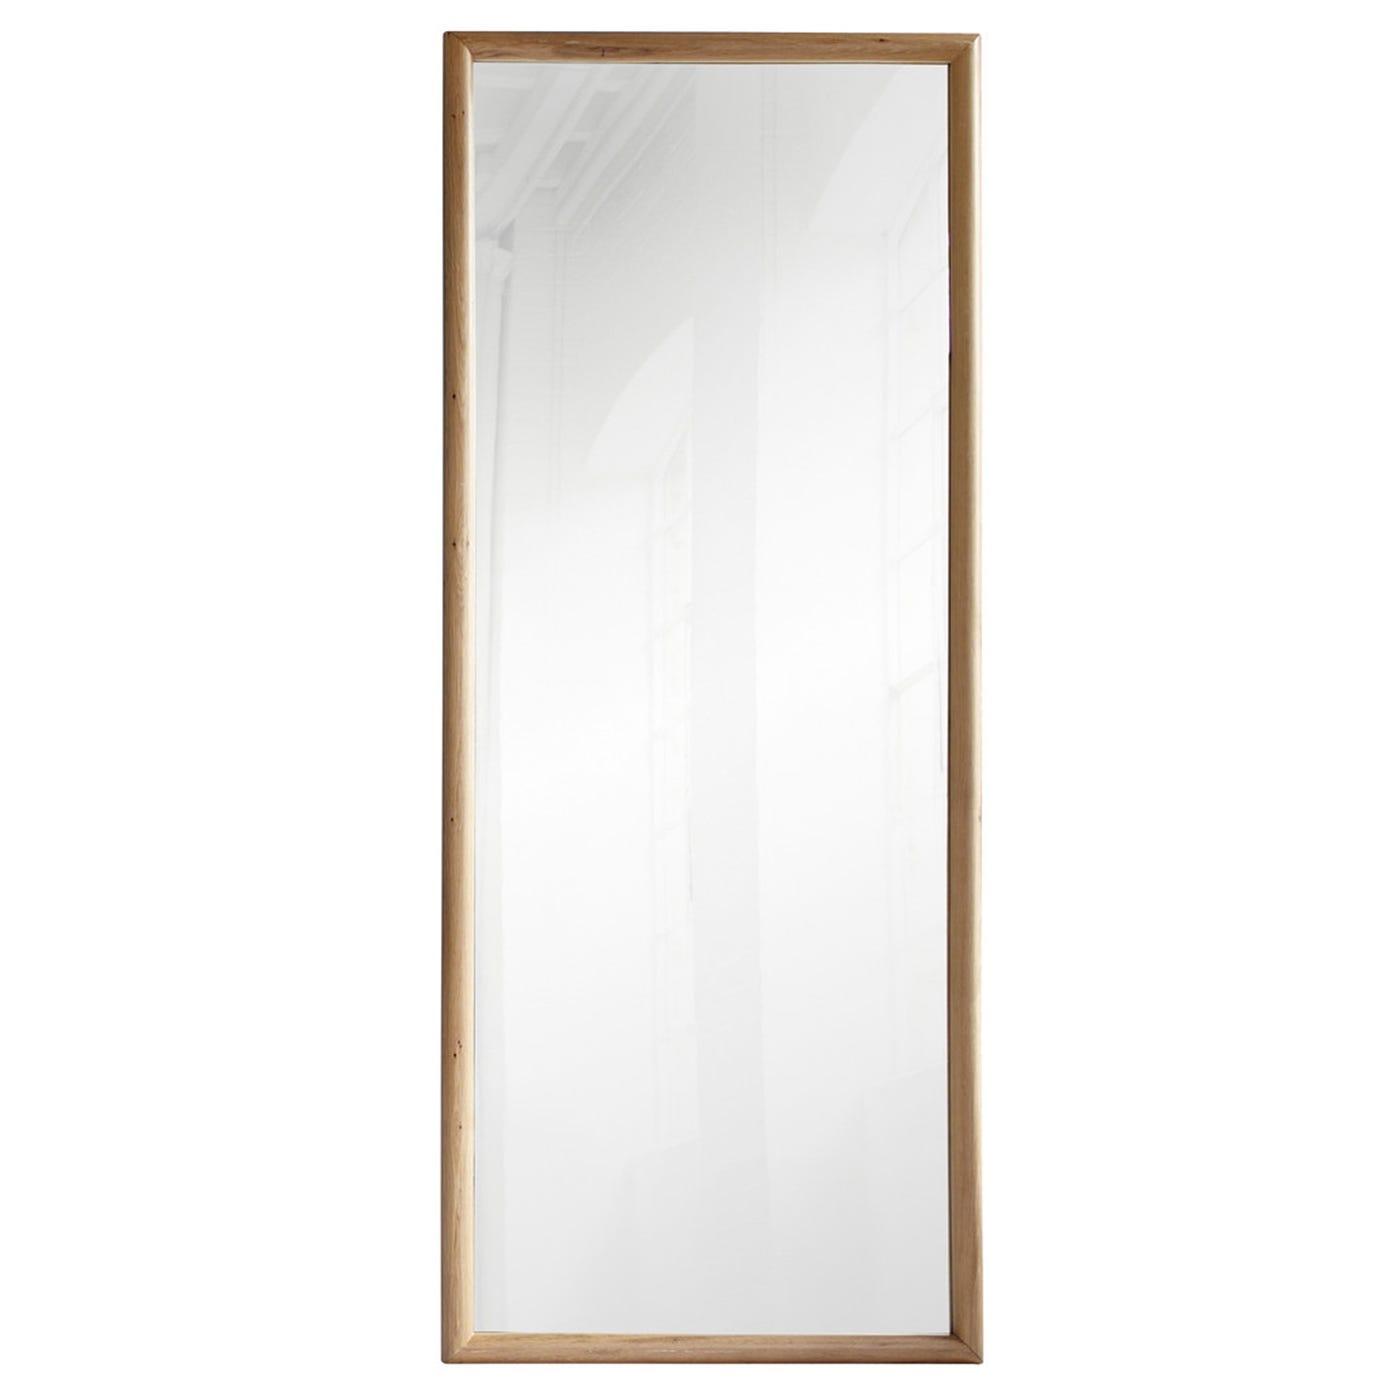 Heal's Pembroke Leaner Mirror